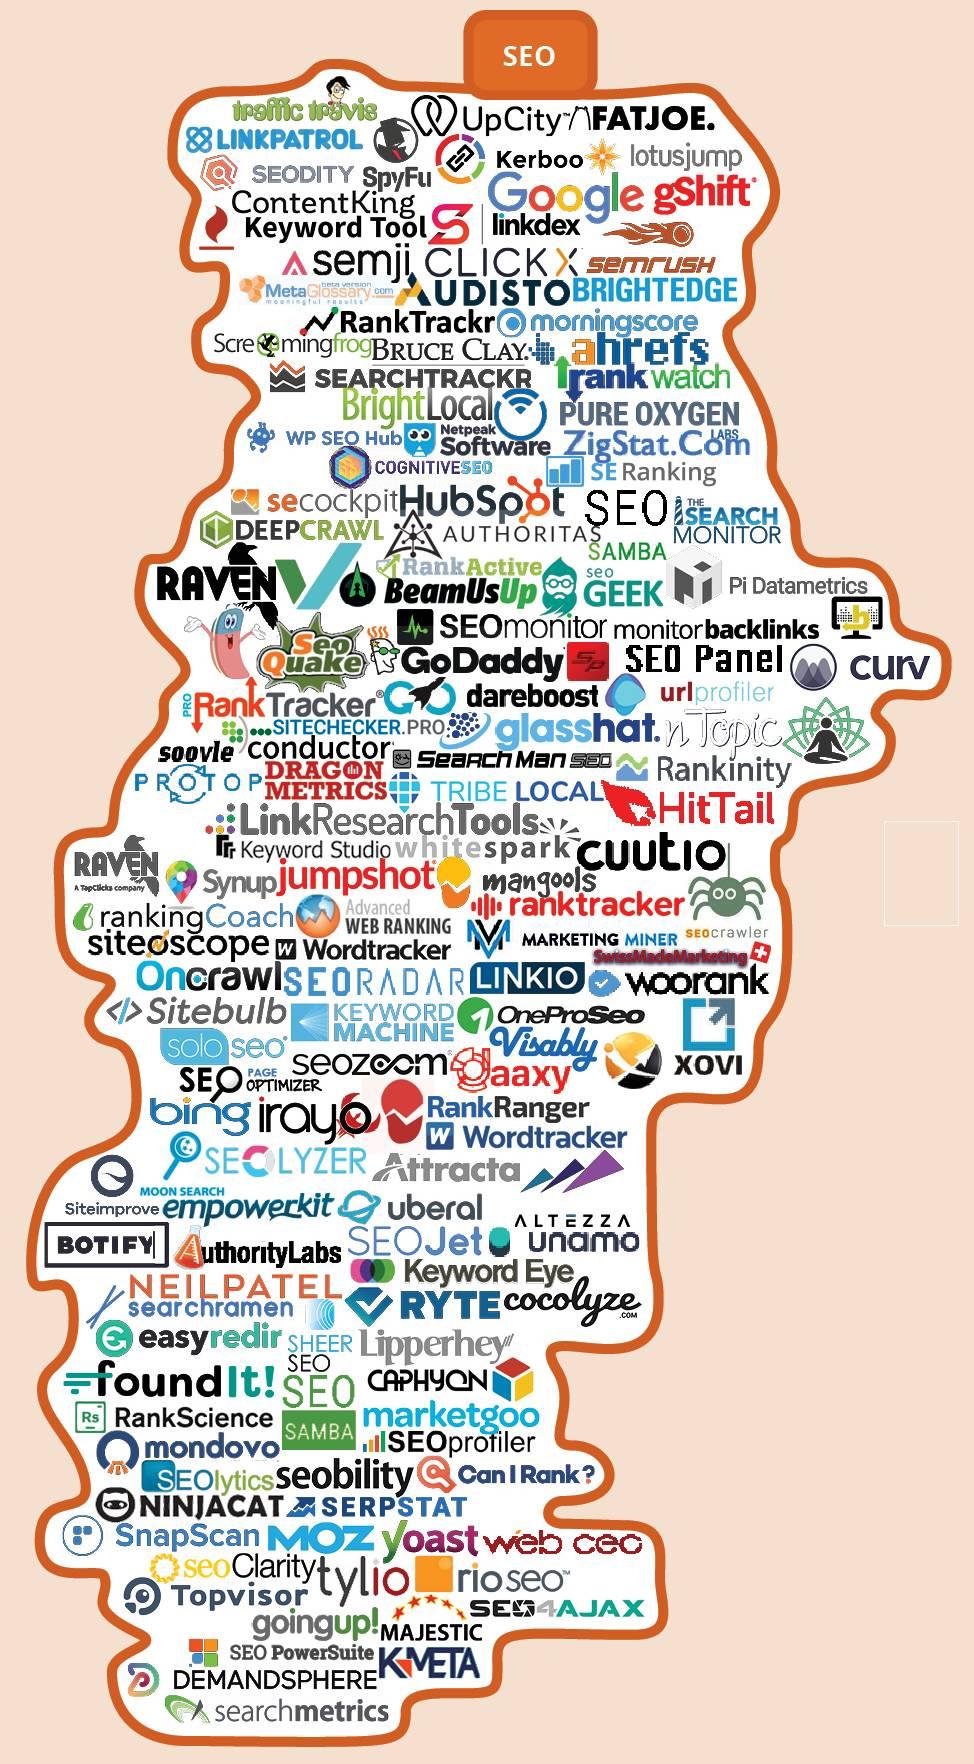 Mehr als 100Unternehmenslogos in der Kategorie 'SEO' im Segment Marketingtechnologie gemäß chiefmartec.com.